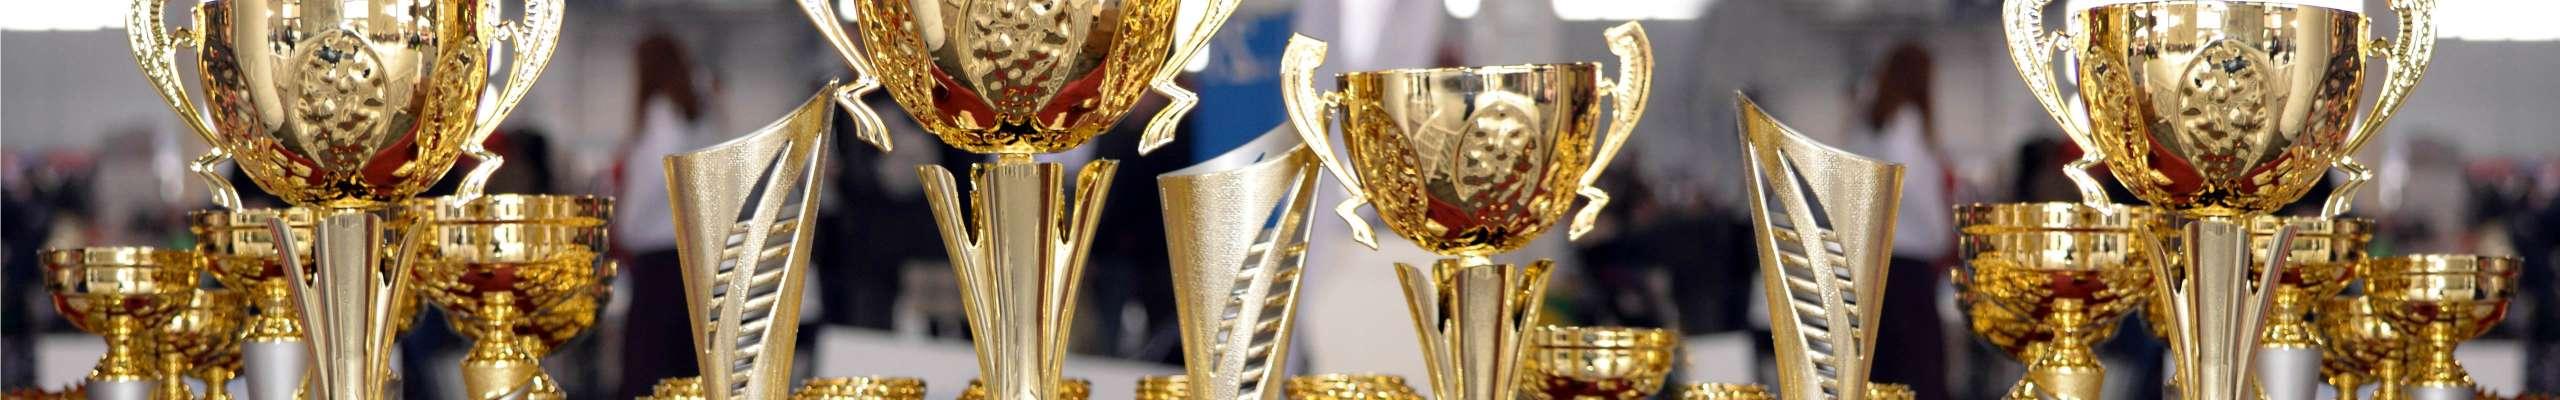 Награды банка в области устойчивого развития